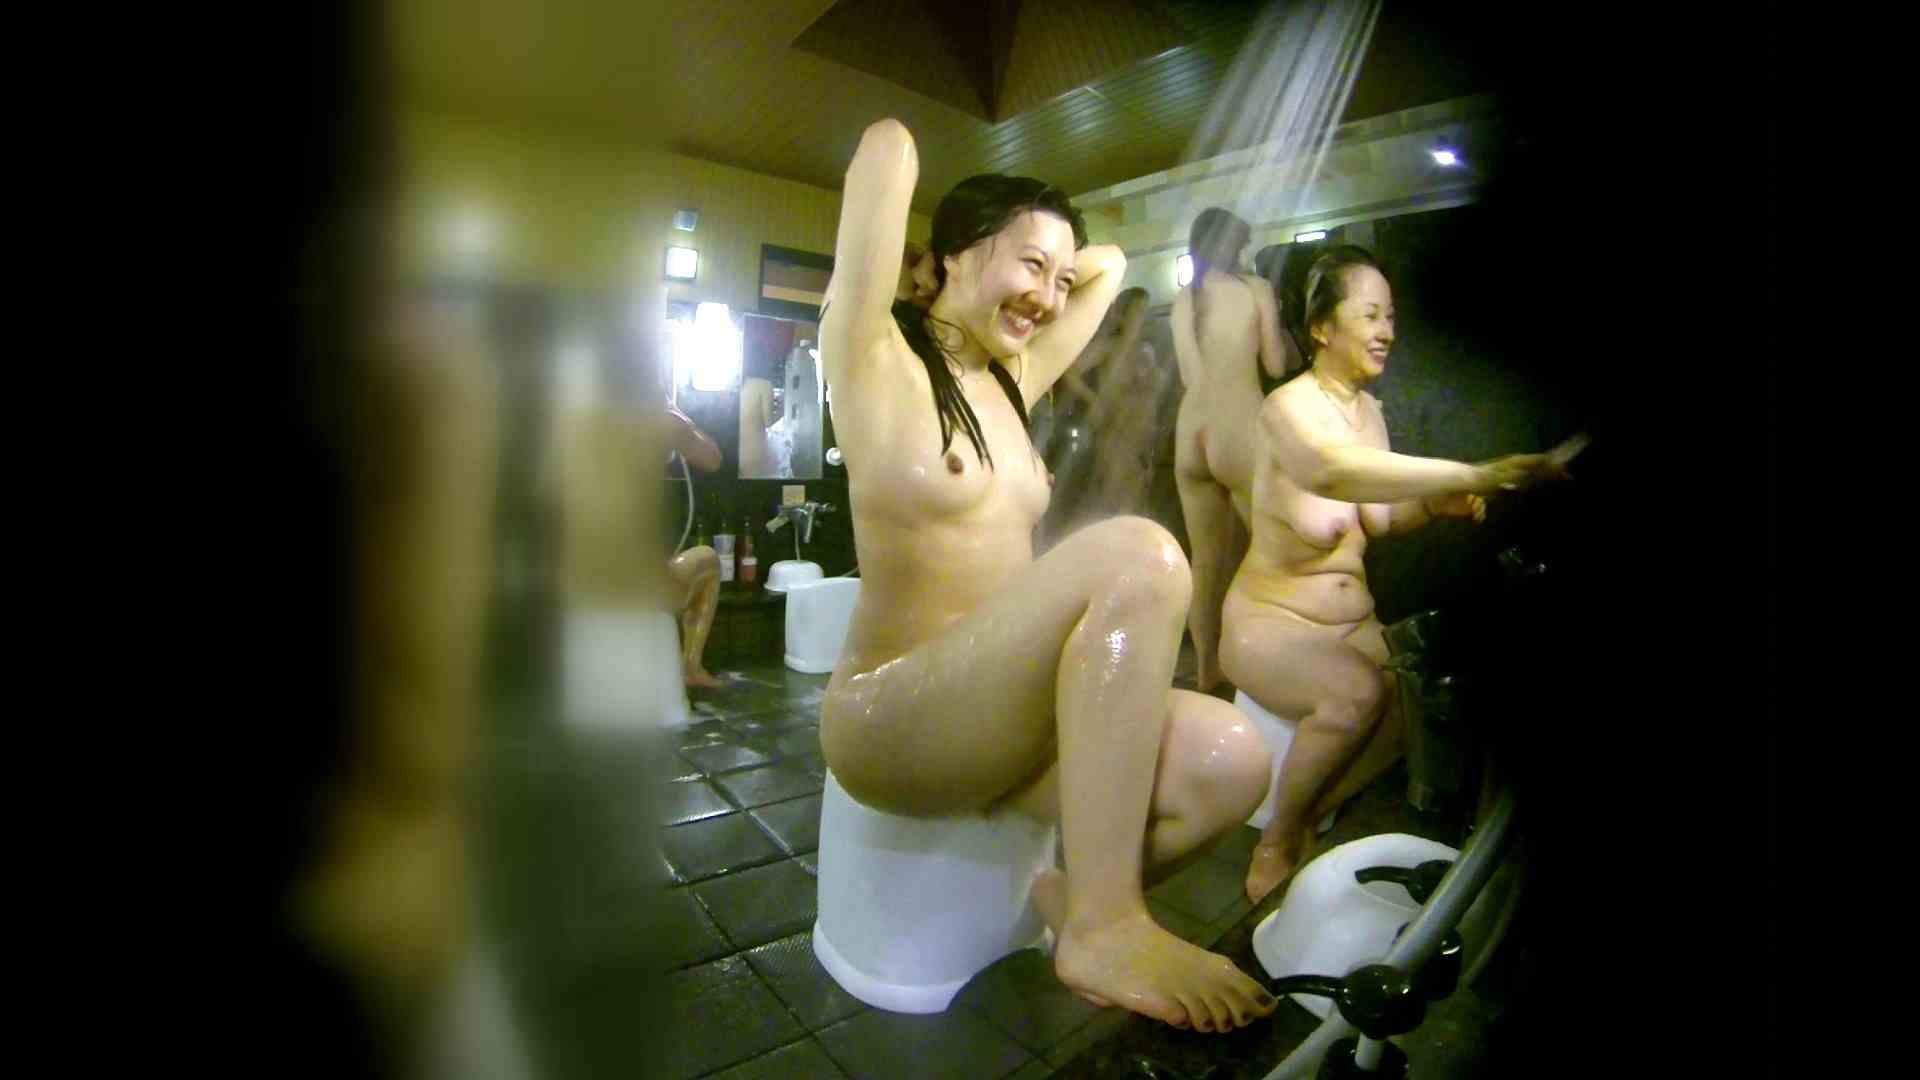 洗い場!右足の位置がいいですね。陰毛もっさり! 潜入 ワレメ無修正動画無料 74画像 34